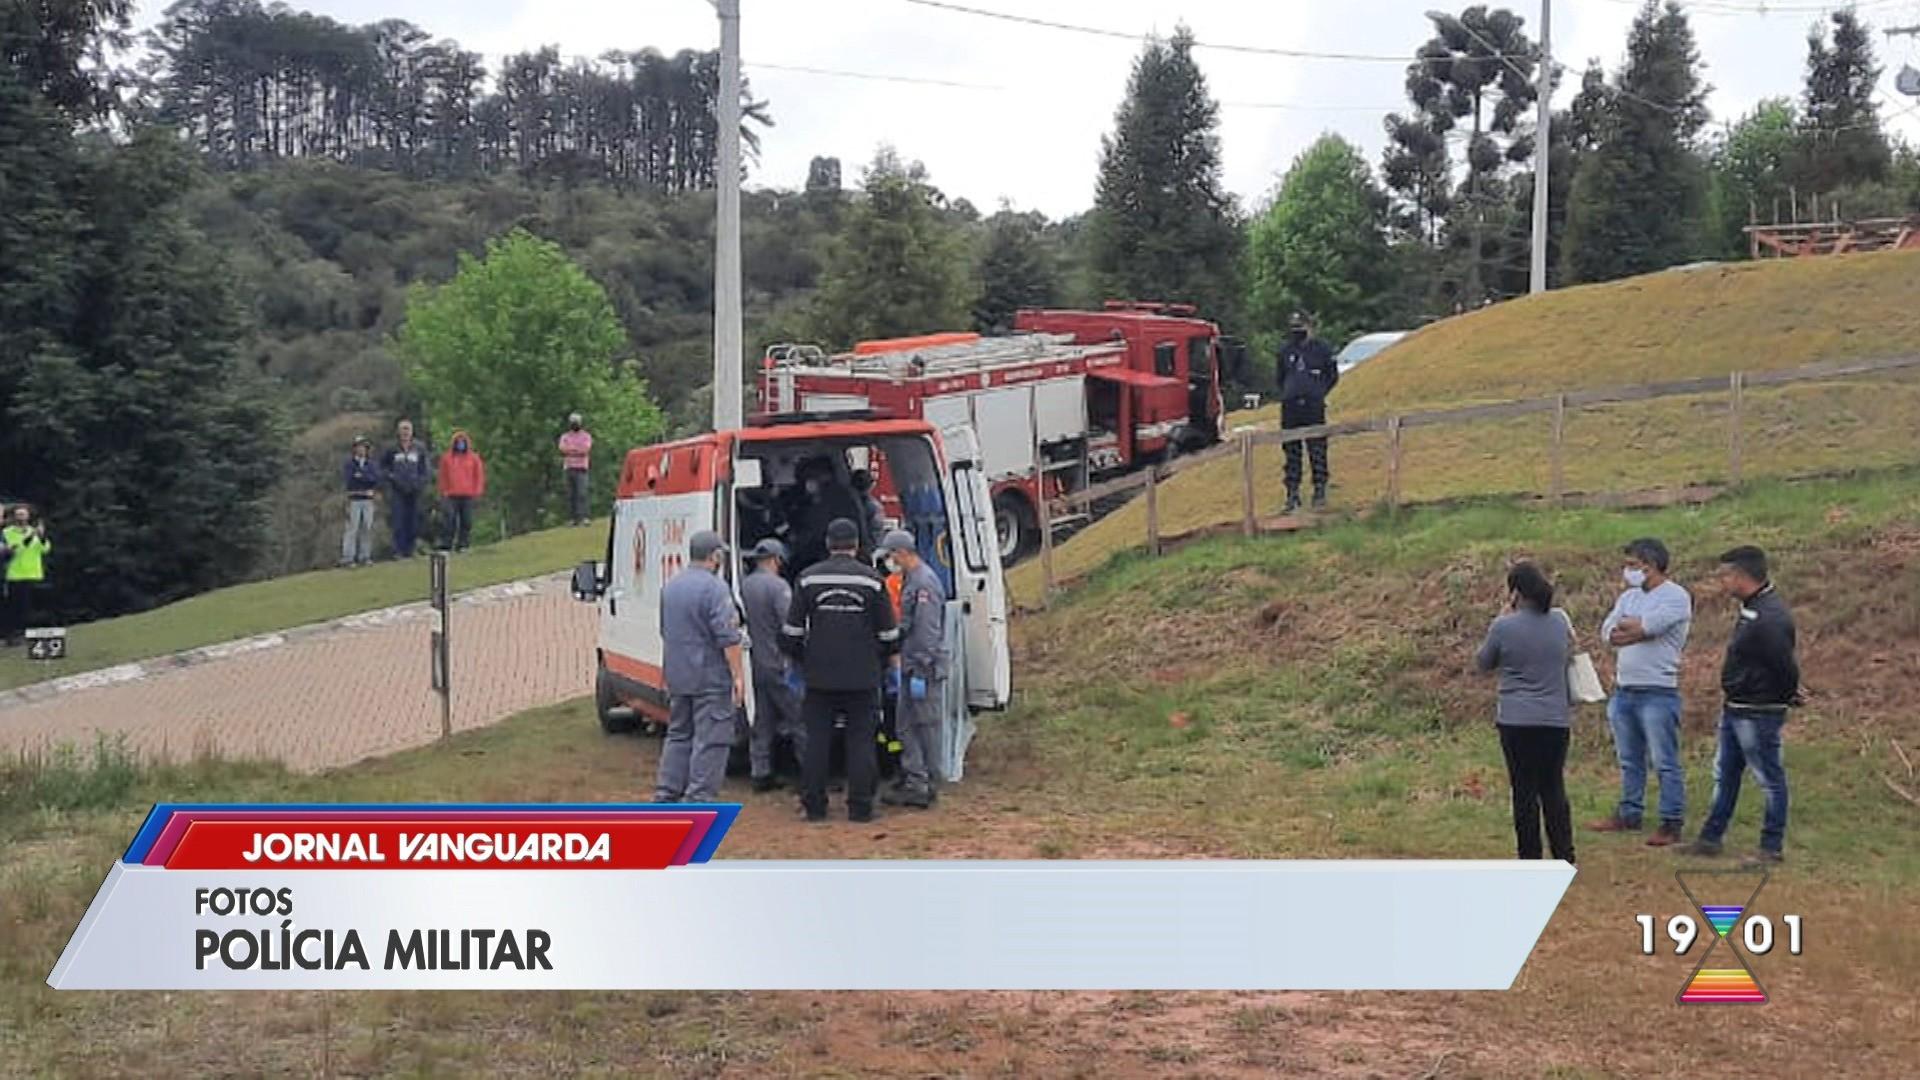 VÍDEOS: Jornal Vanguarda de quarta-feira, 23 de setembro